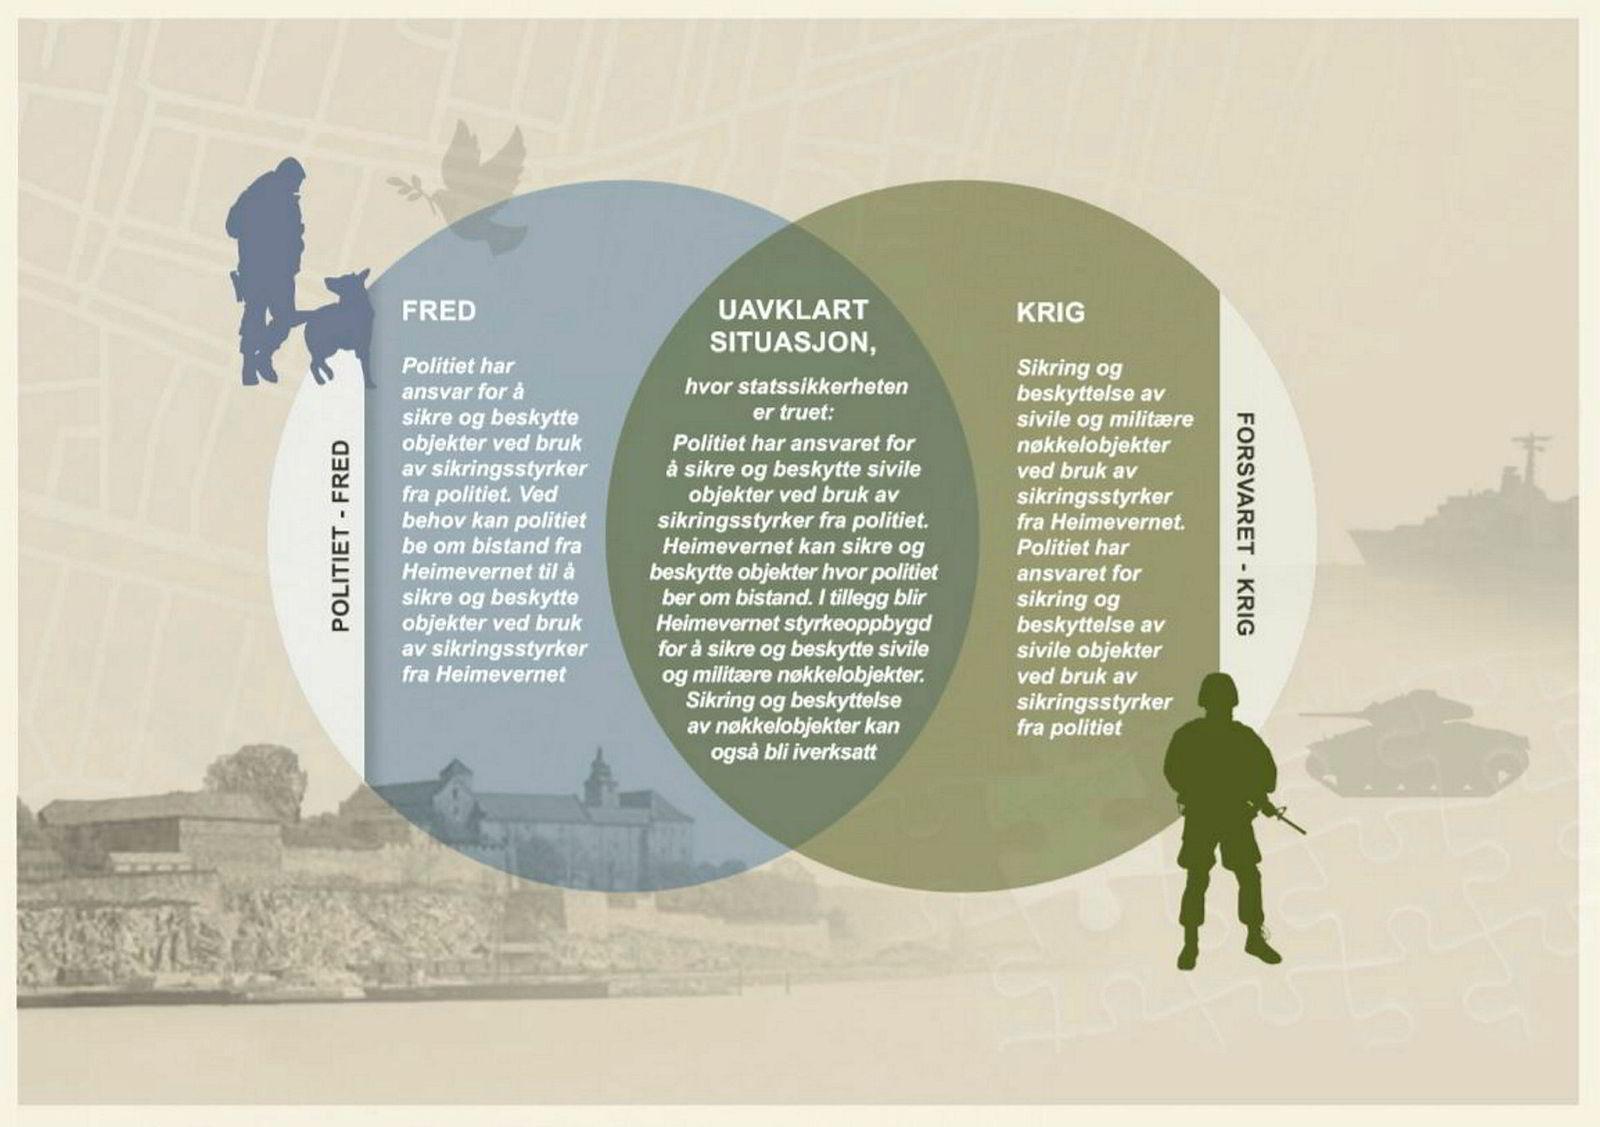 Objektsikring. Figur: Sikring og beskyttelse av objekter i fred, krise og krig.